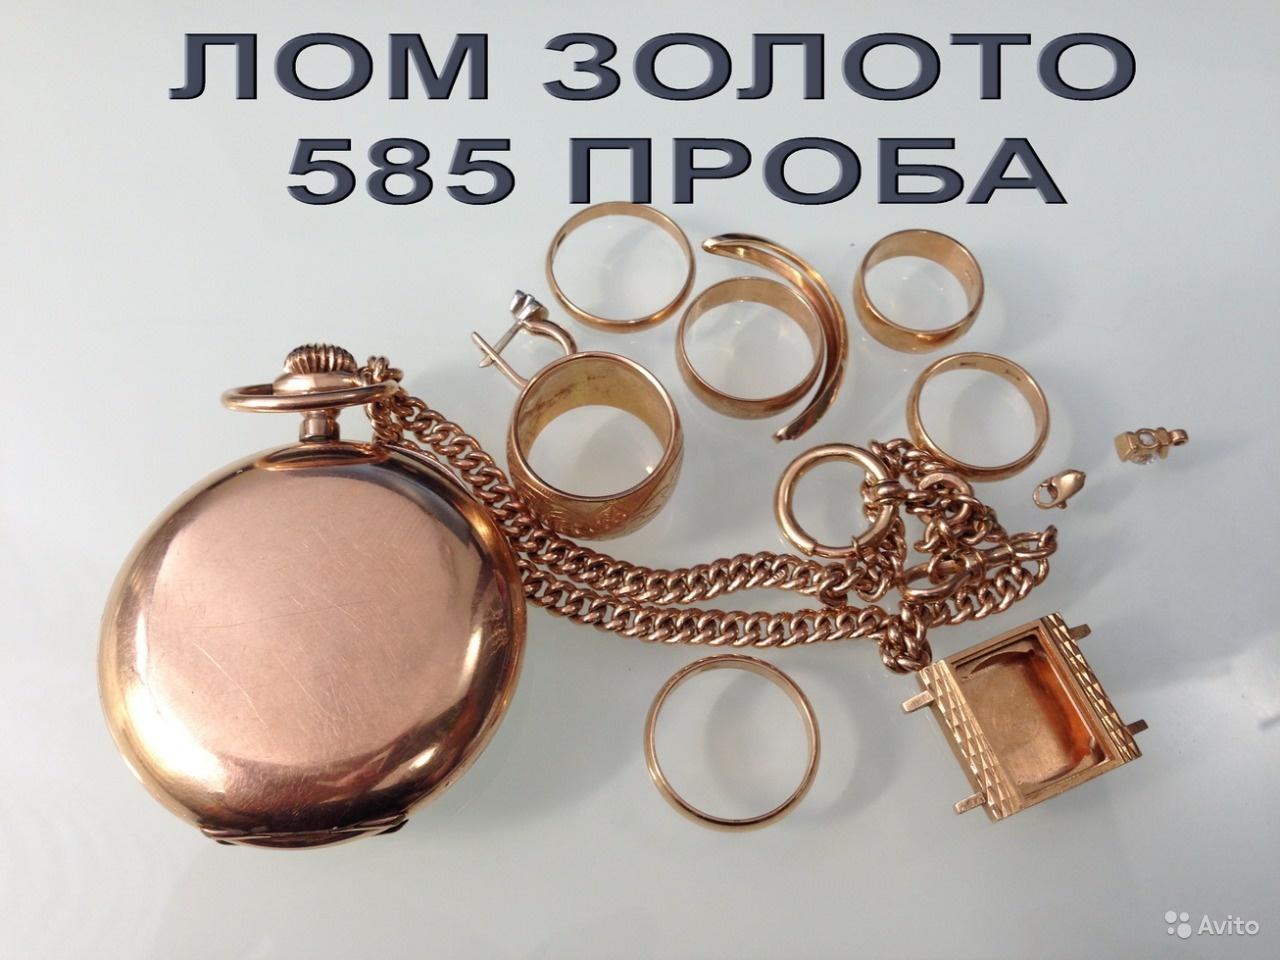 Продать сколько в стоит ломбарде золото часы тиссот стоимость